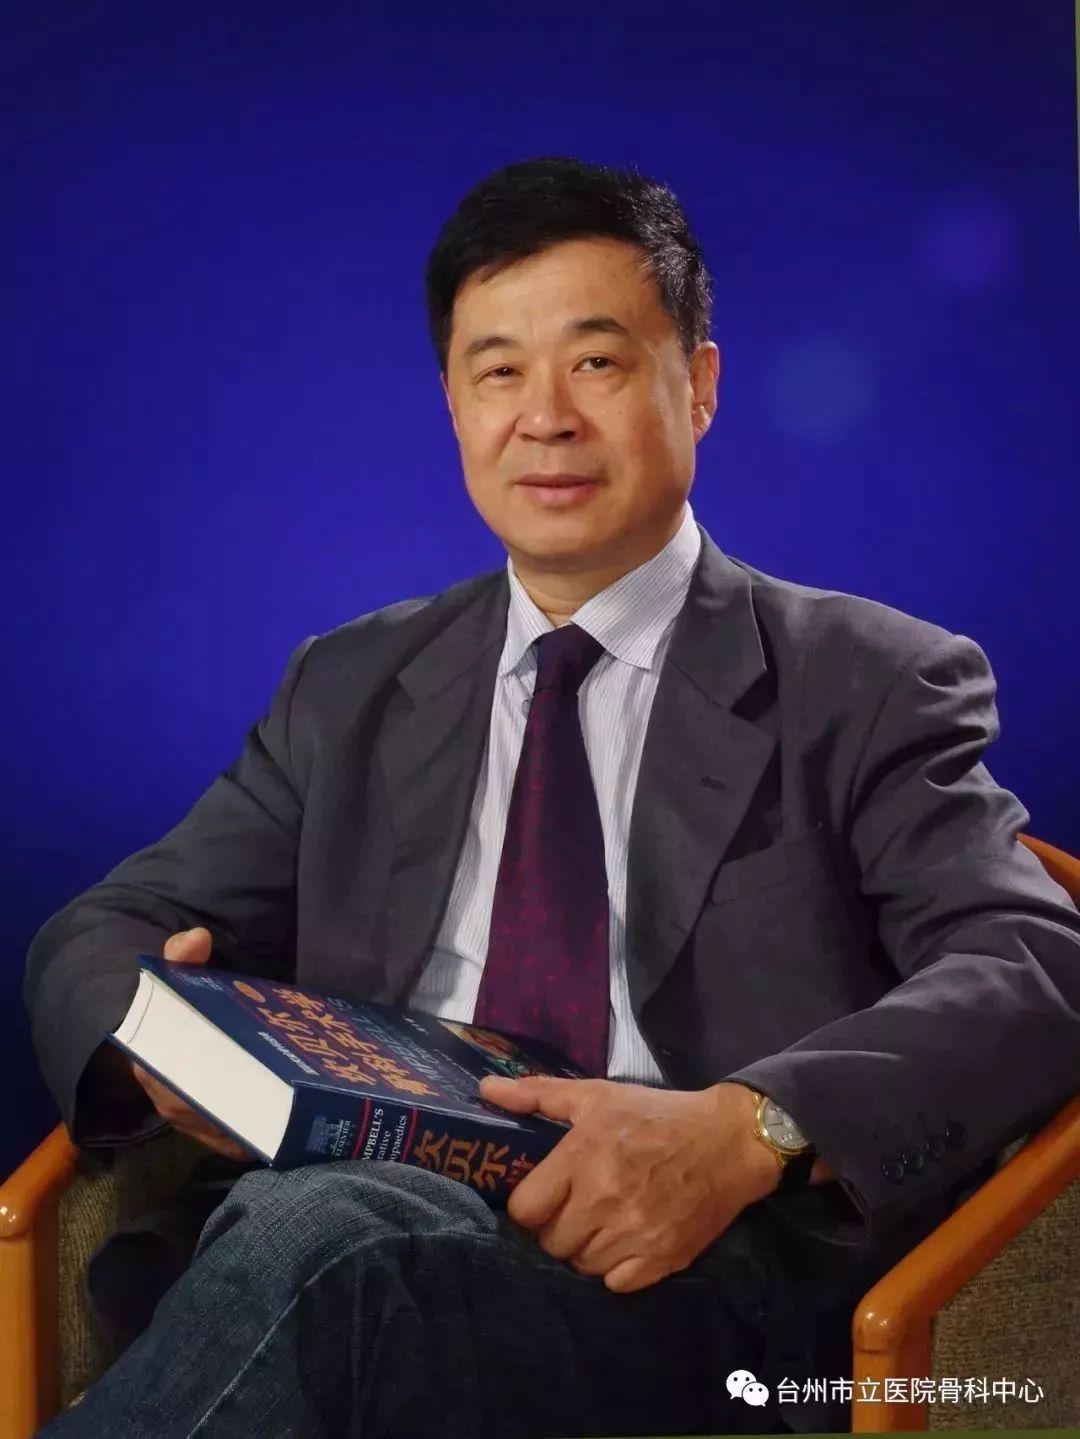 2019年09月07日,上海六院蒋垚教授来台州市立医院坐诊